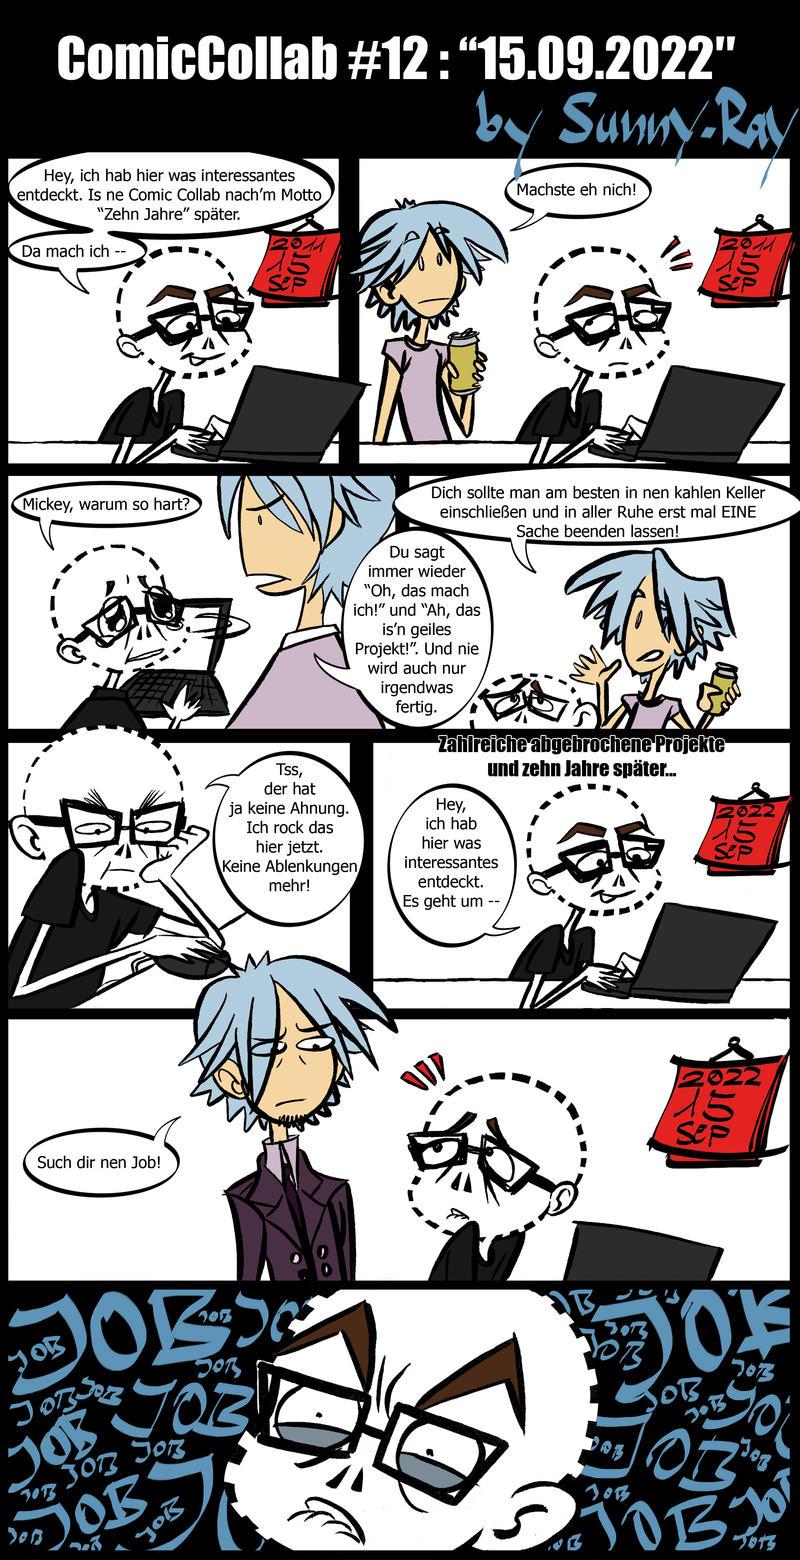 15.09.2022 - Comic